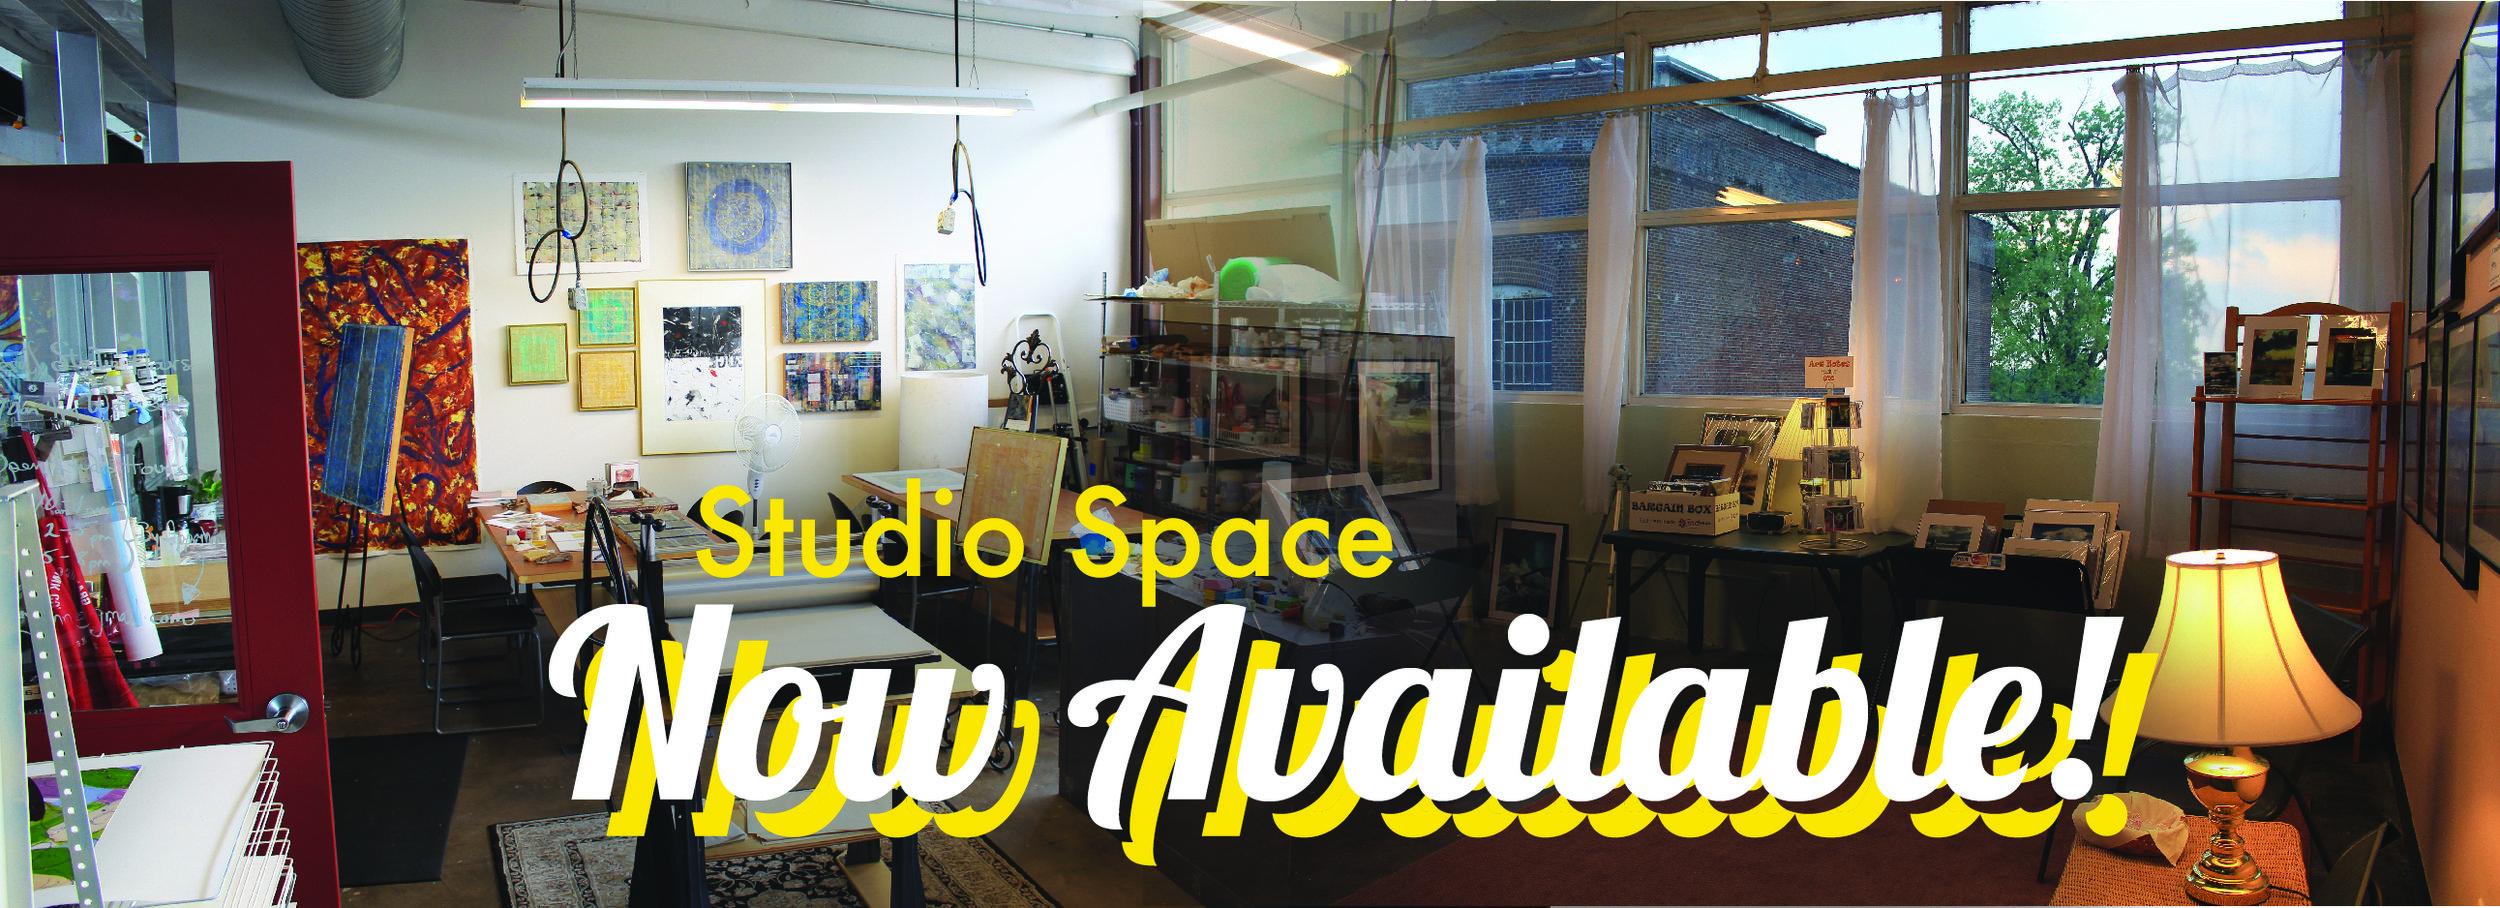 Studio Space_MV-01.jpg